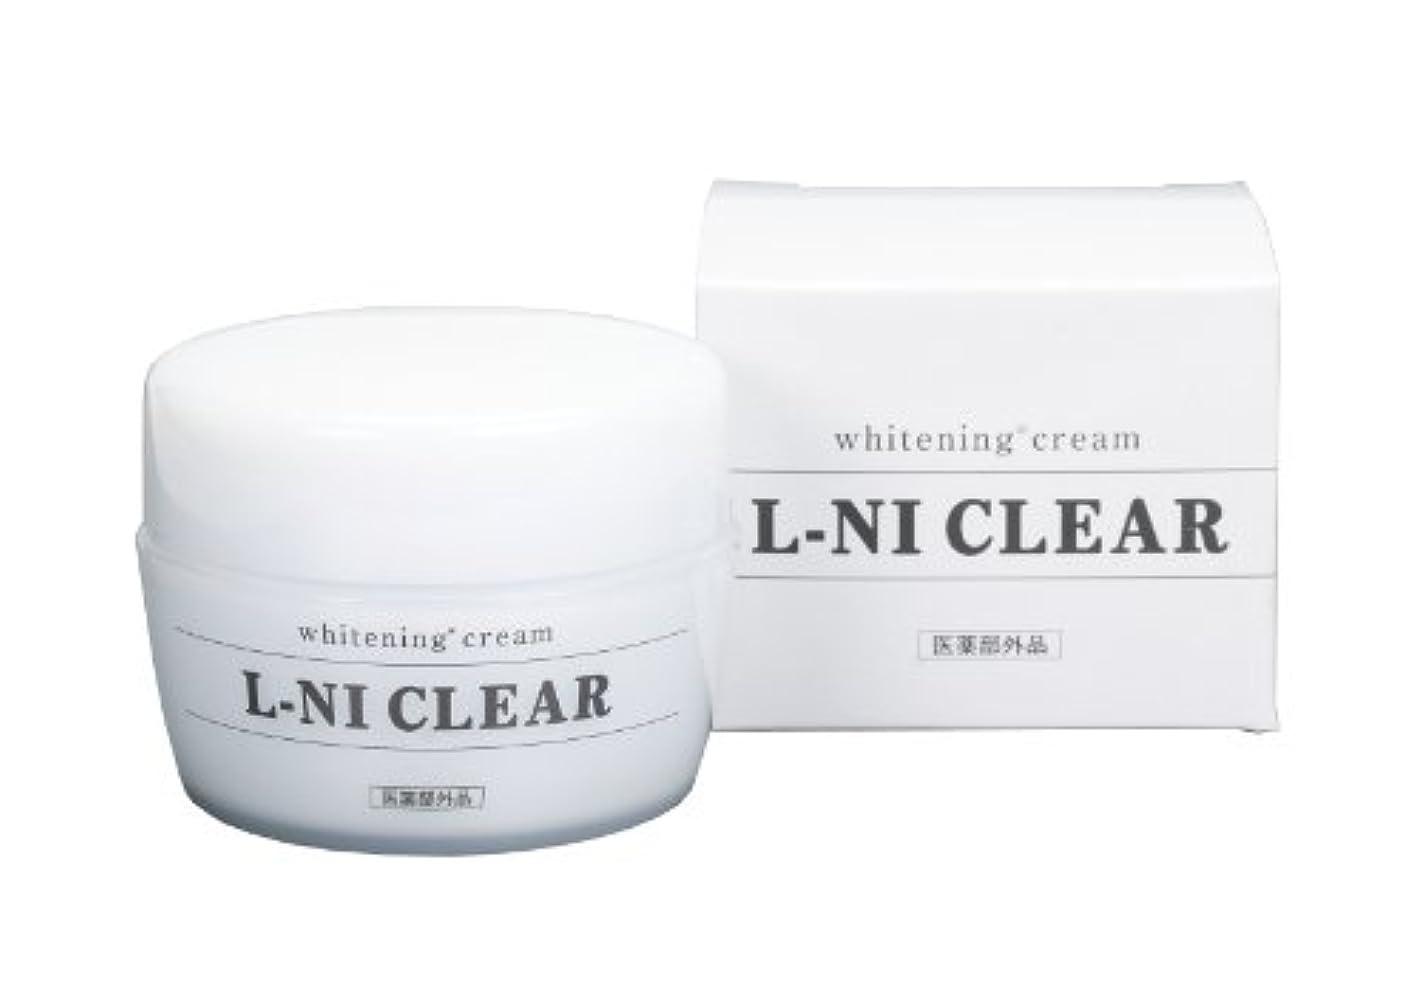 蓄積する思い出篭薬用 L-NI CLEAR